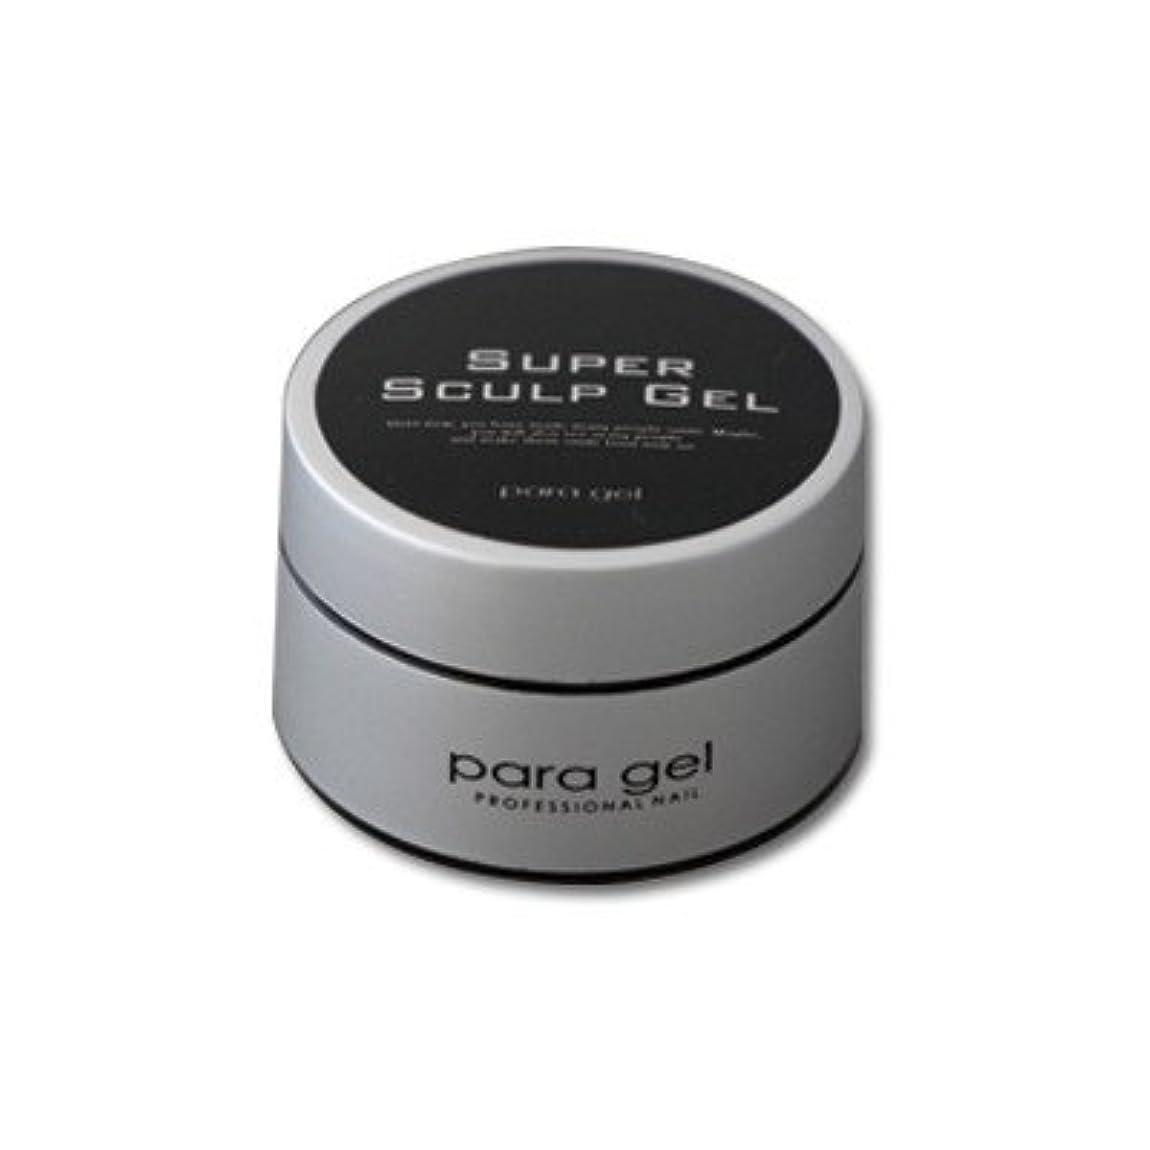 国内のサージドームpara gel(パラジェル) スーパースカルプジェル 10g